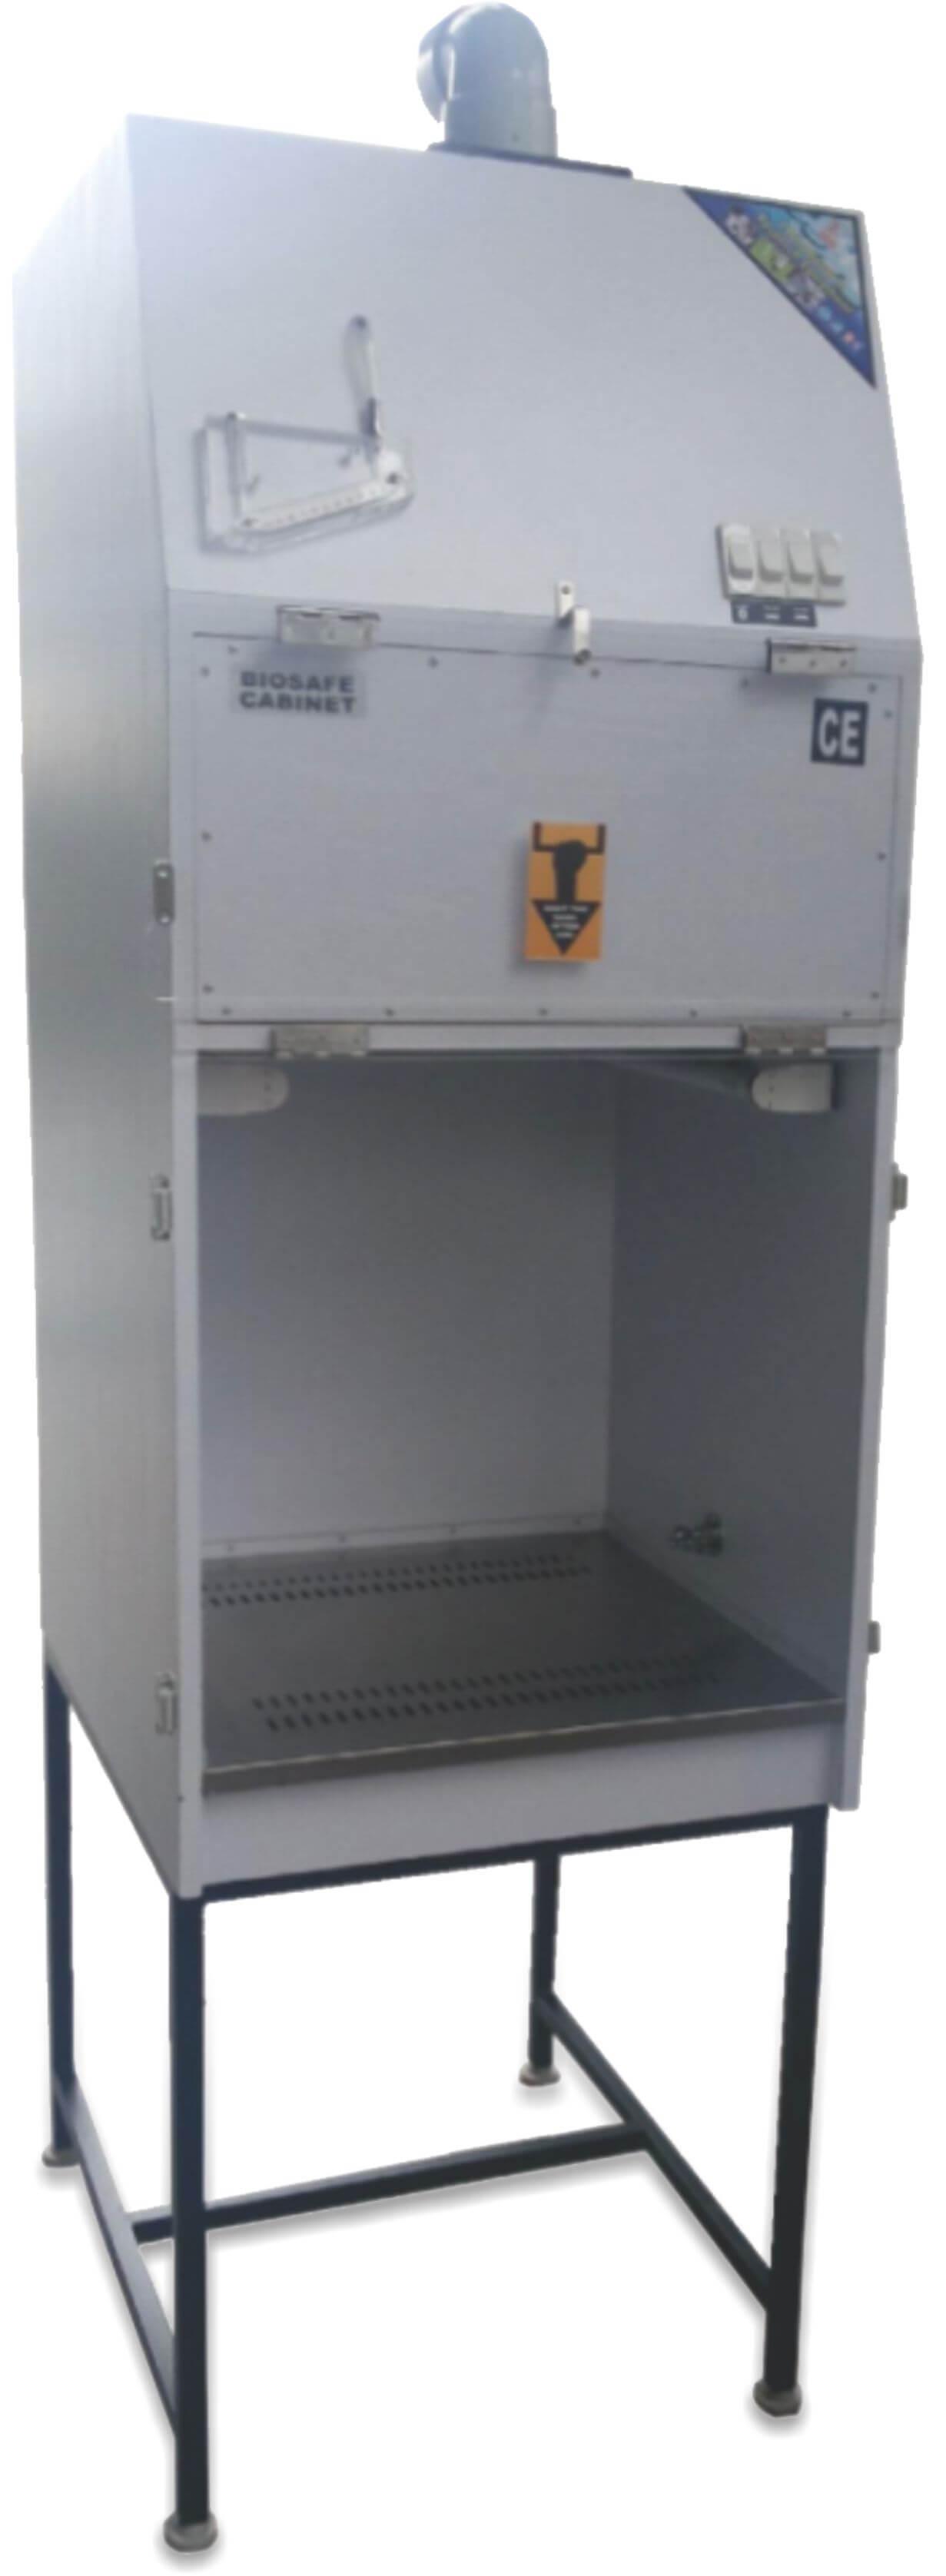 Biosafe Cabinet (Wooden) Class II, A-2